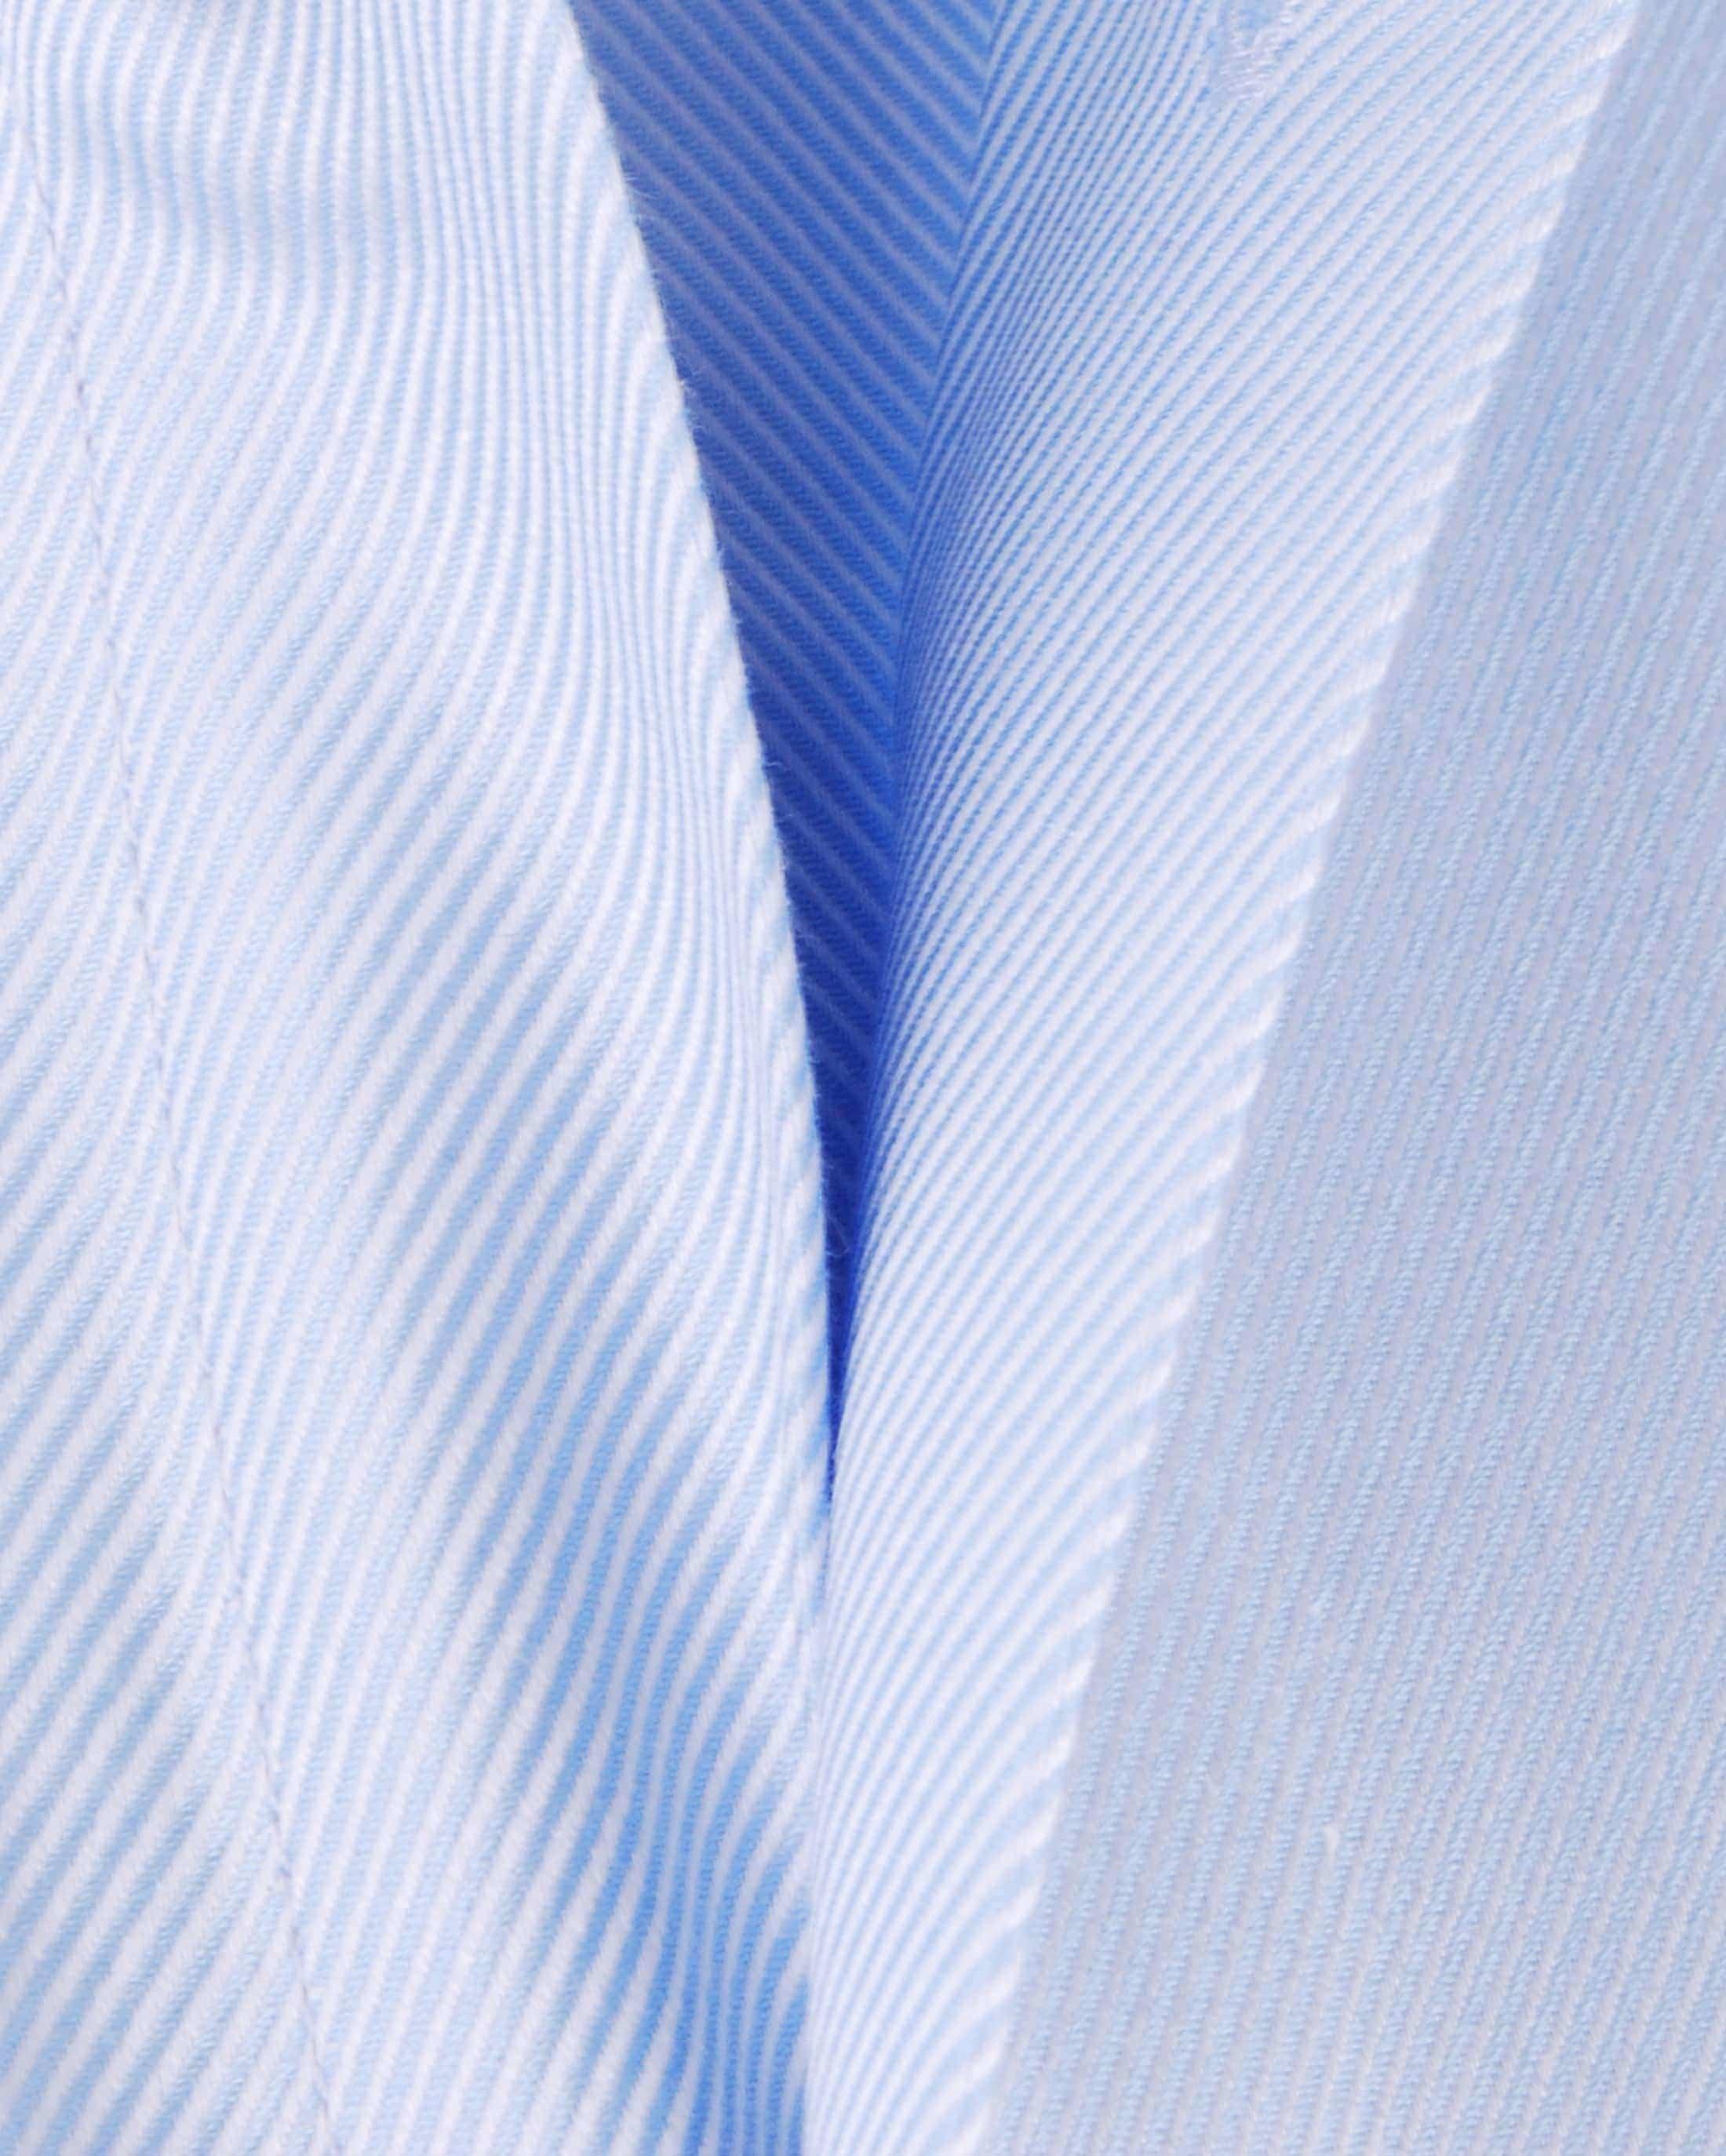 Dress Slim Fit Blue Twill foto 1